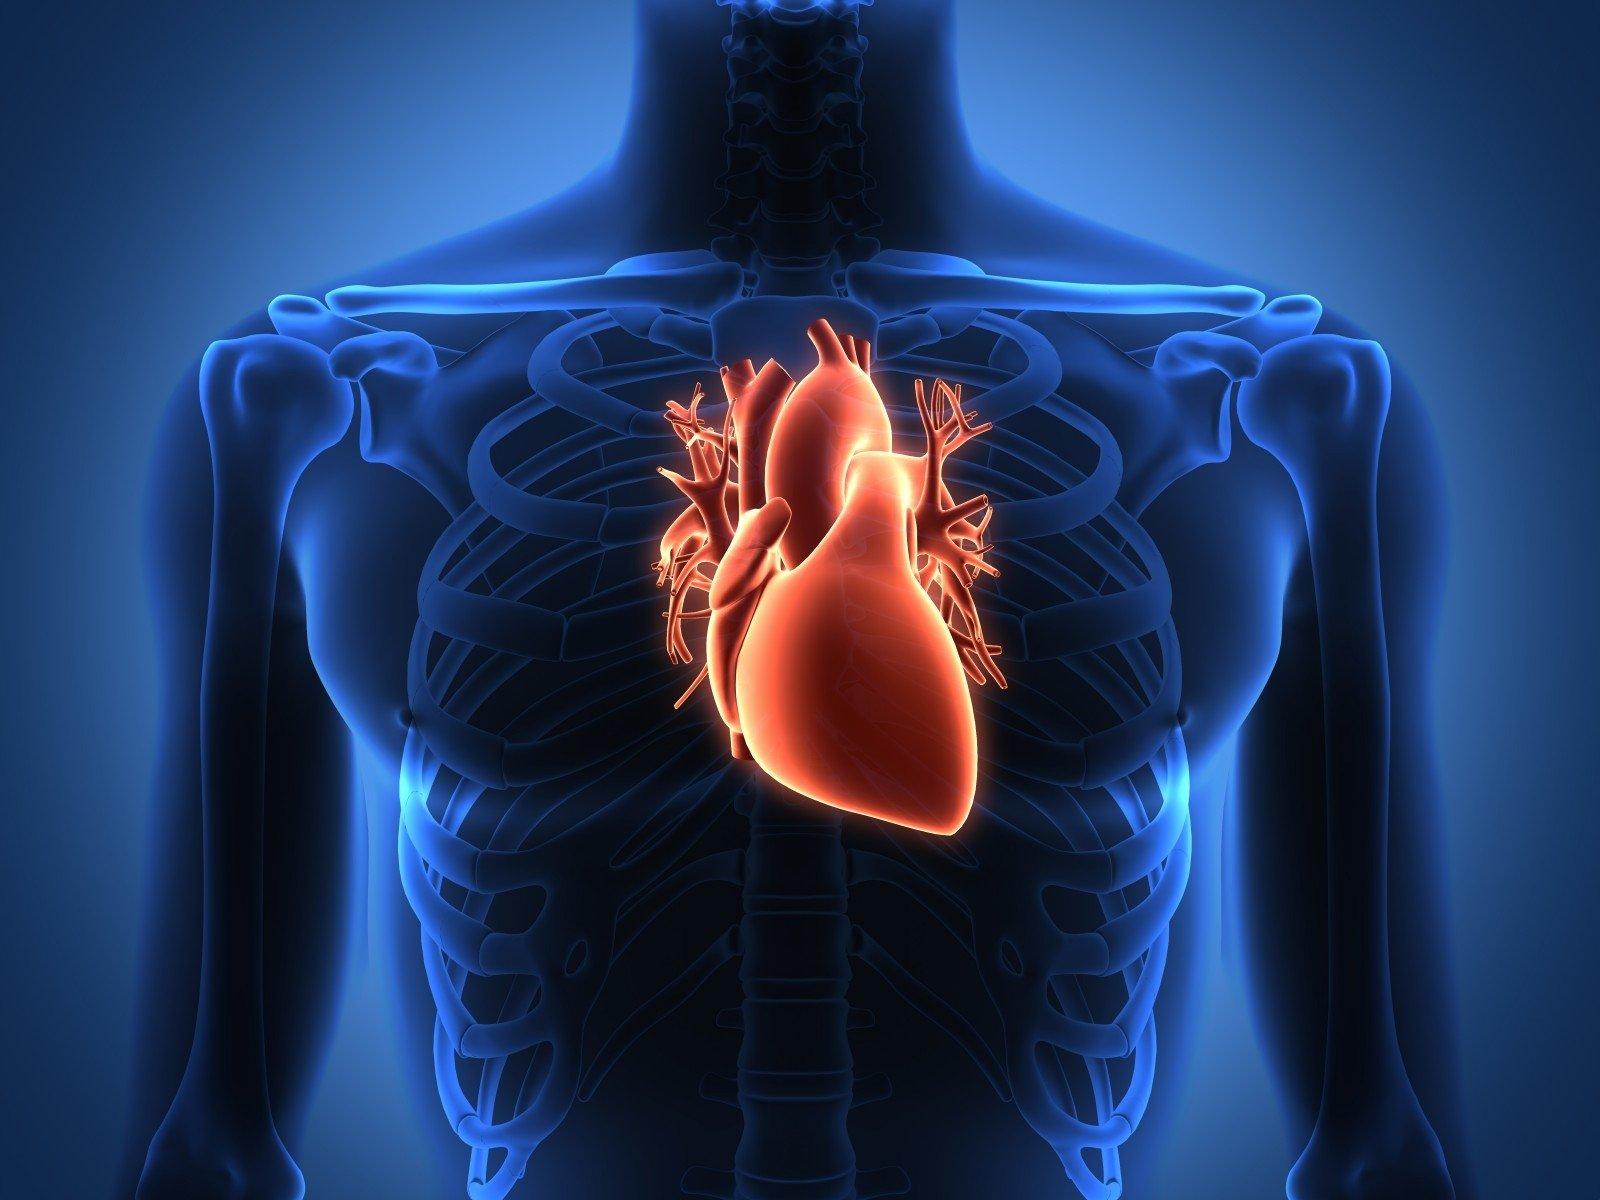 Didelis alkoholio kiekis sustabdė širdį - DELFI Sveikata